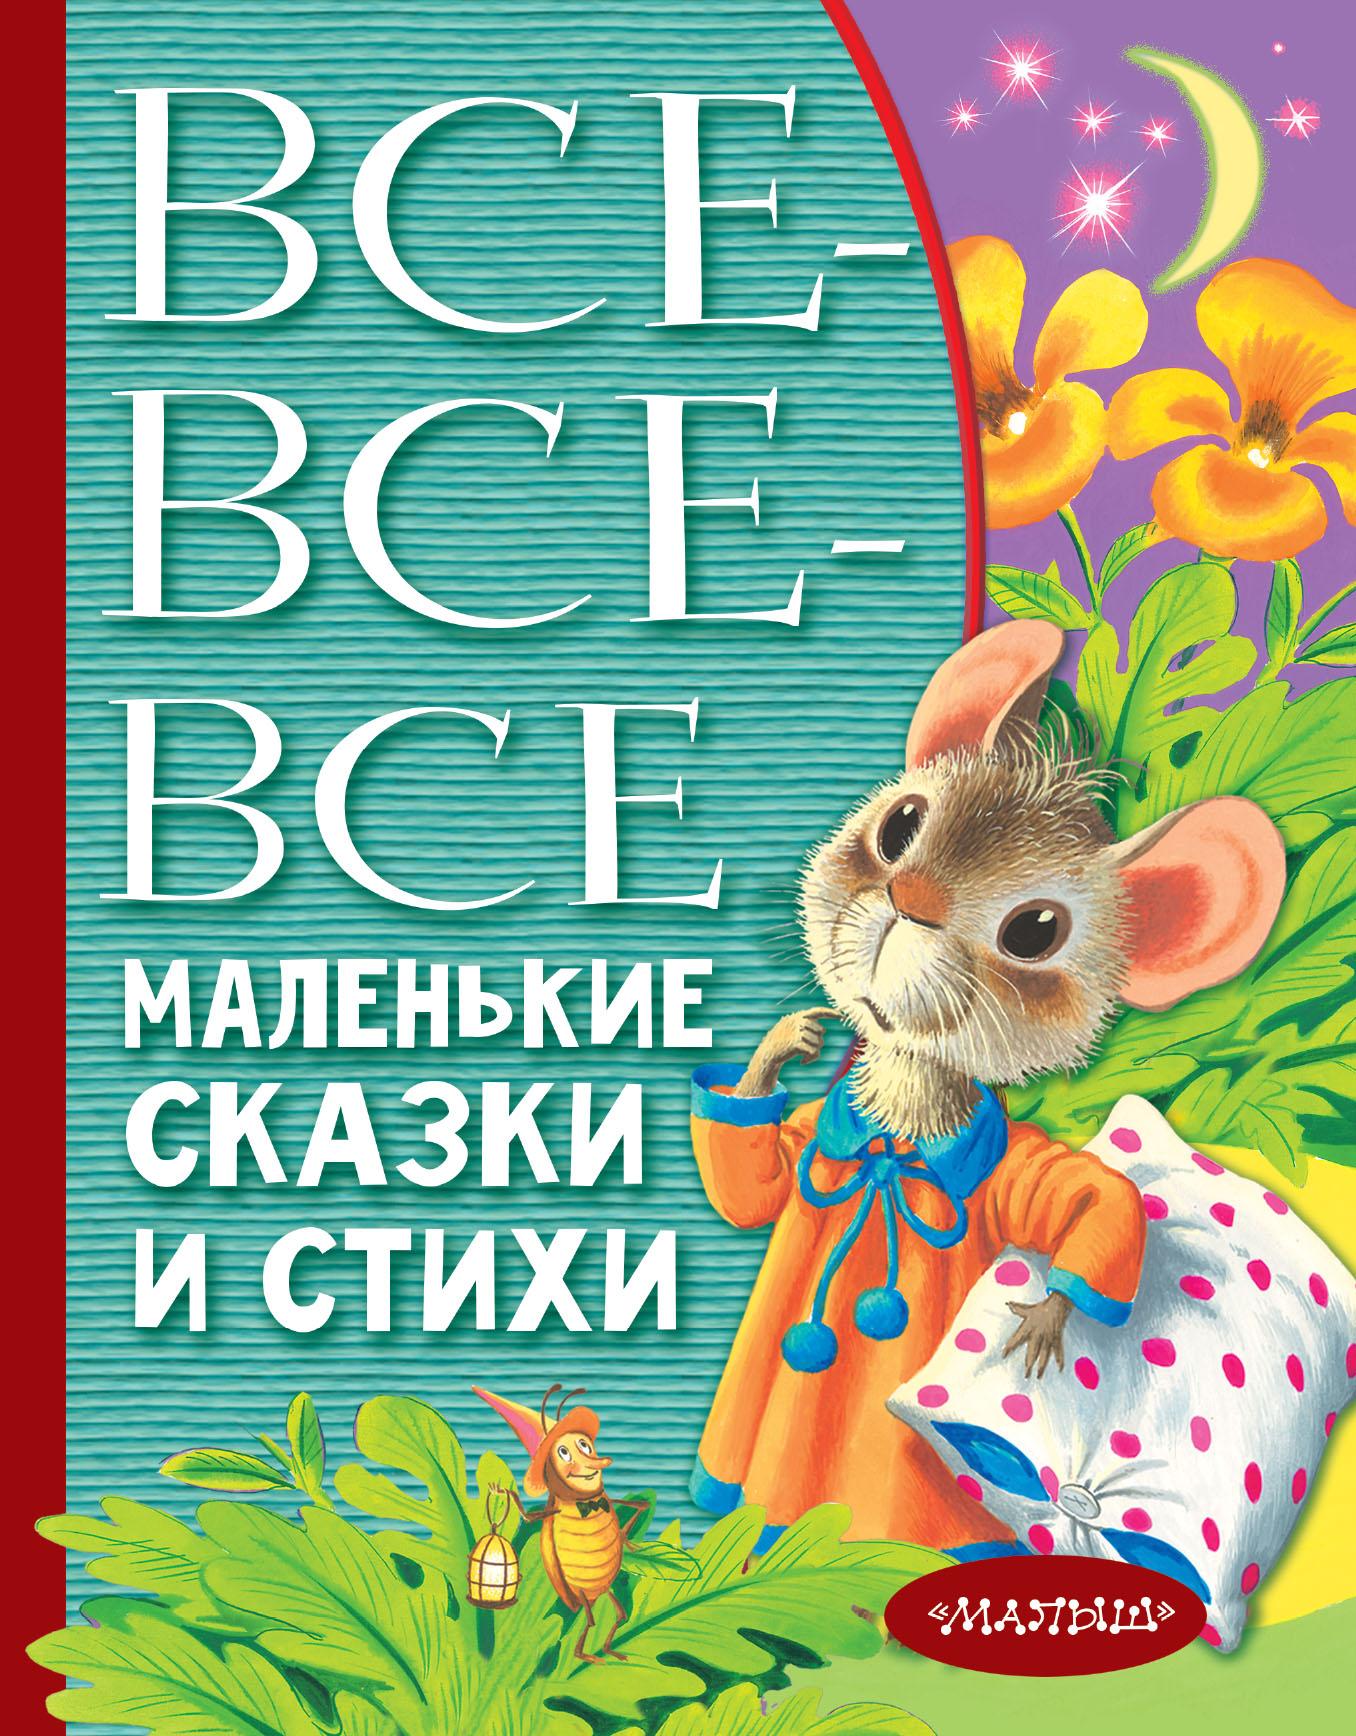 А. Барто, С. Маршак, С. Михалков и др. Все-все-все маленькие сказки и стихи барто а маршак с михалков с и др все все все маленькие сказки и стихи